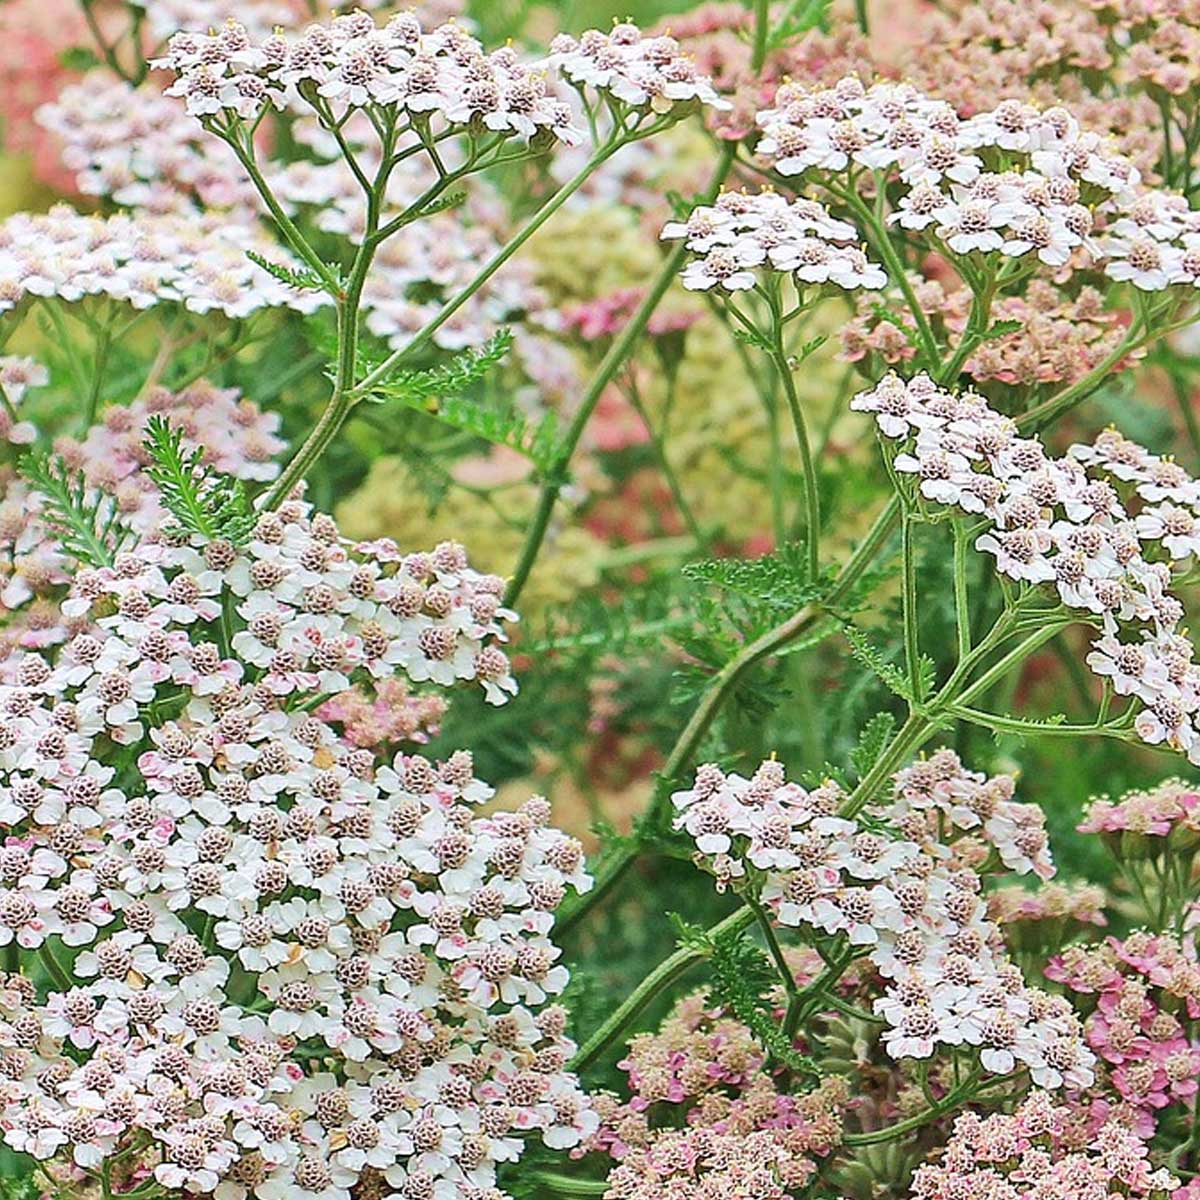 Jardines en primavera: Qué sembrar, cuidados y recomendaciones